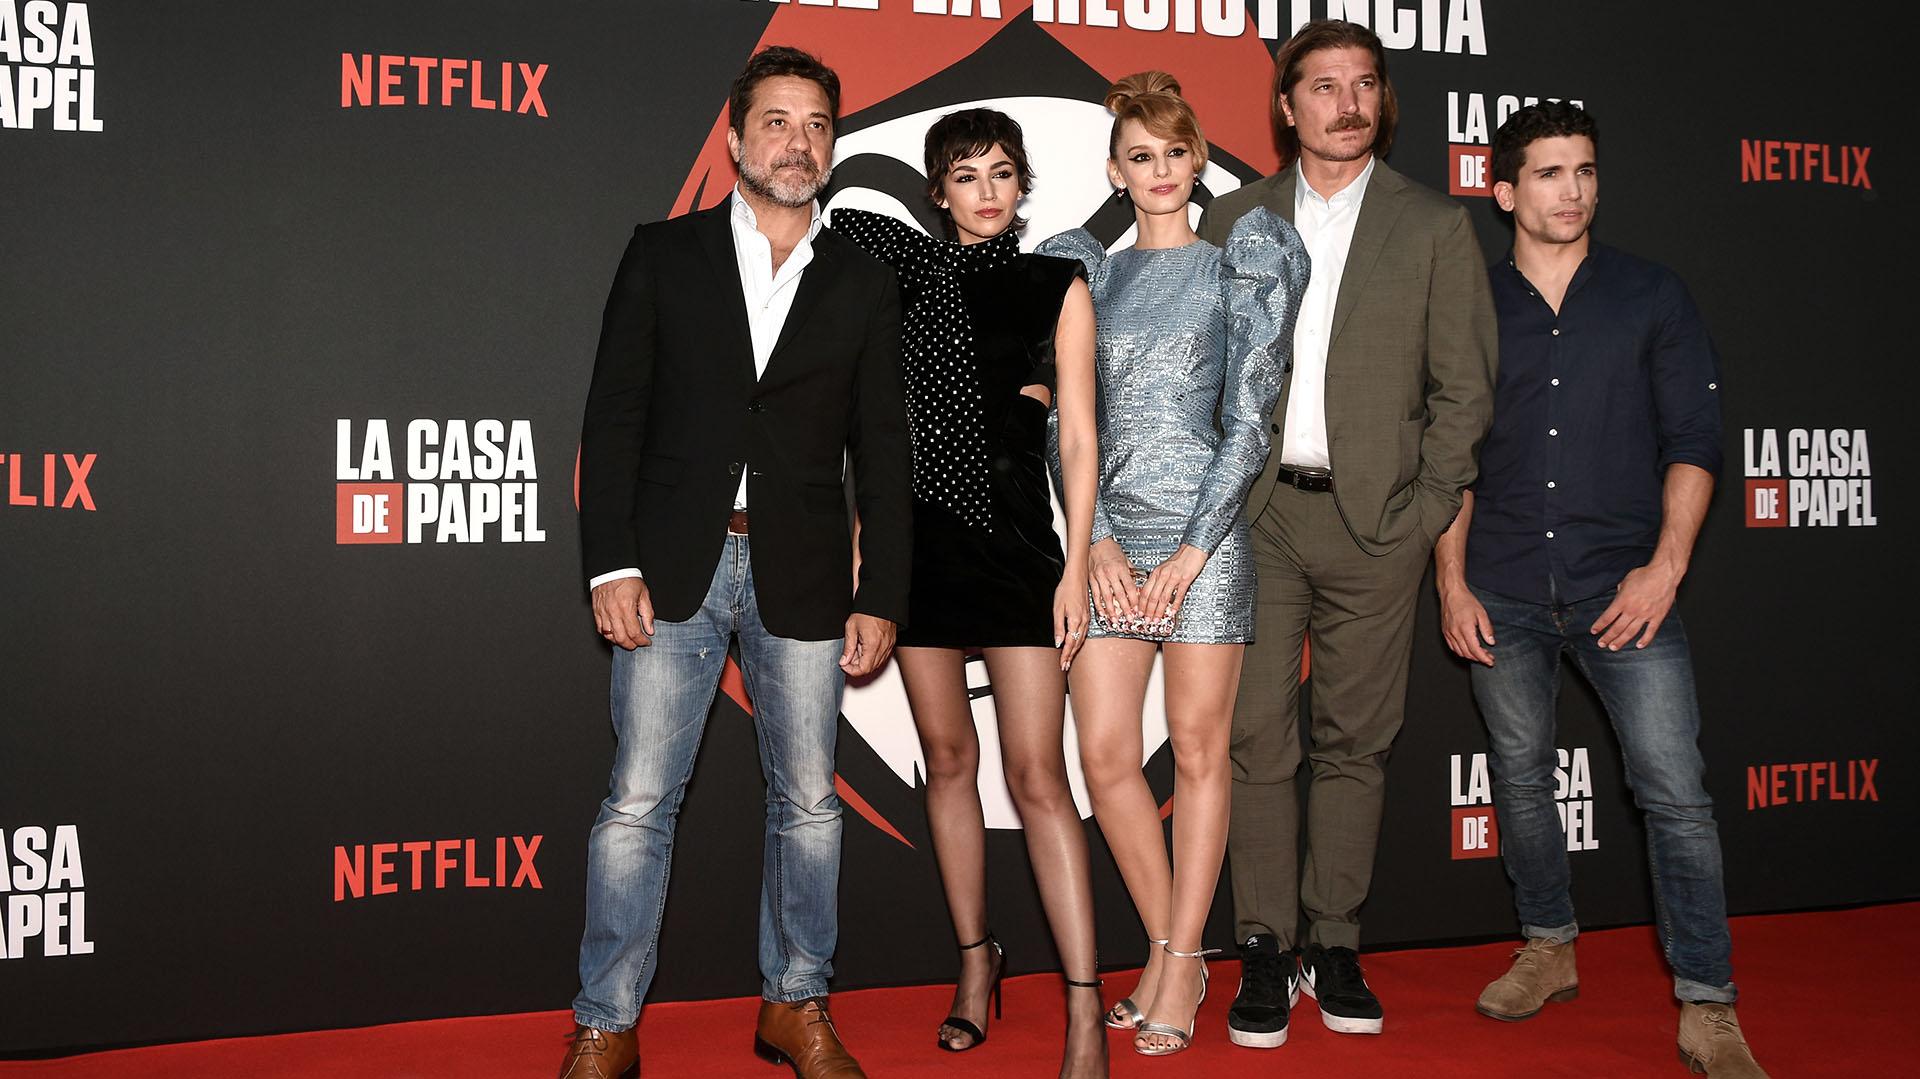 Elenco casi completo. Enrique Arce, Úrsula Corberó, Esther Acebo, Luka Peros, y Jaime Lorente en París